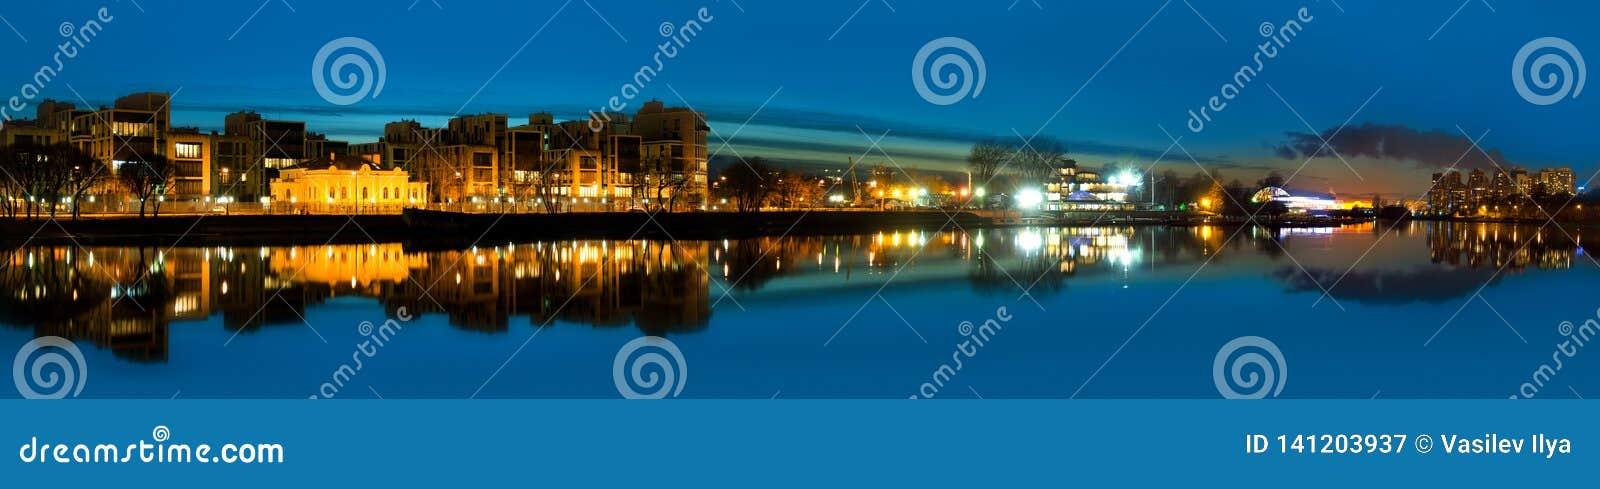 Panorama- foto för natt av floden och staden - den Neva floden och Stet Petersburg, rysk federation